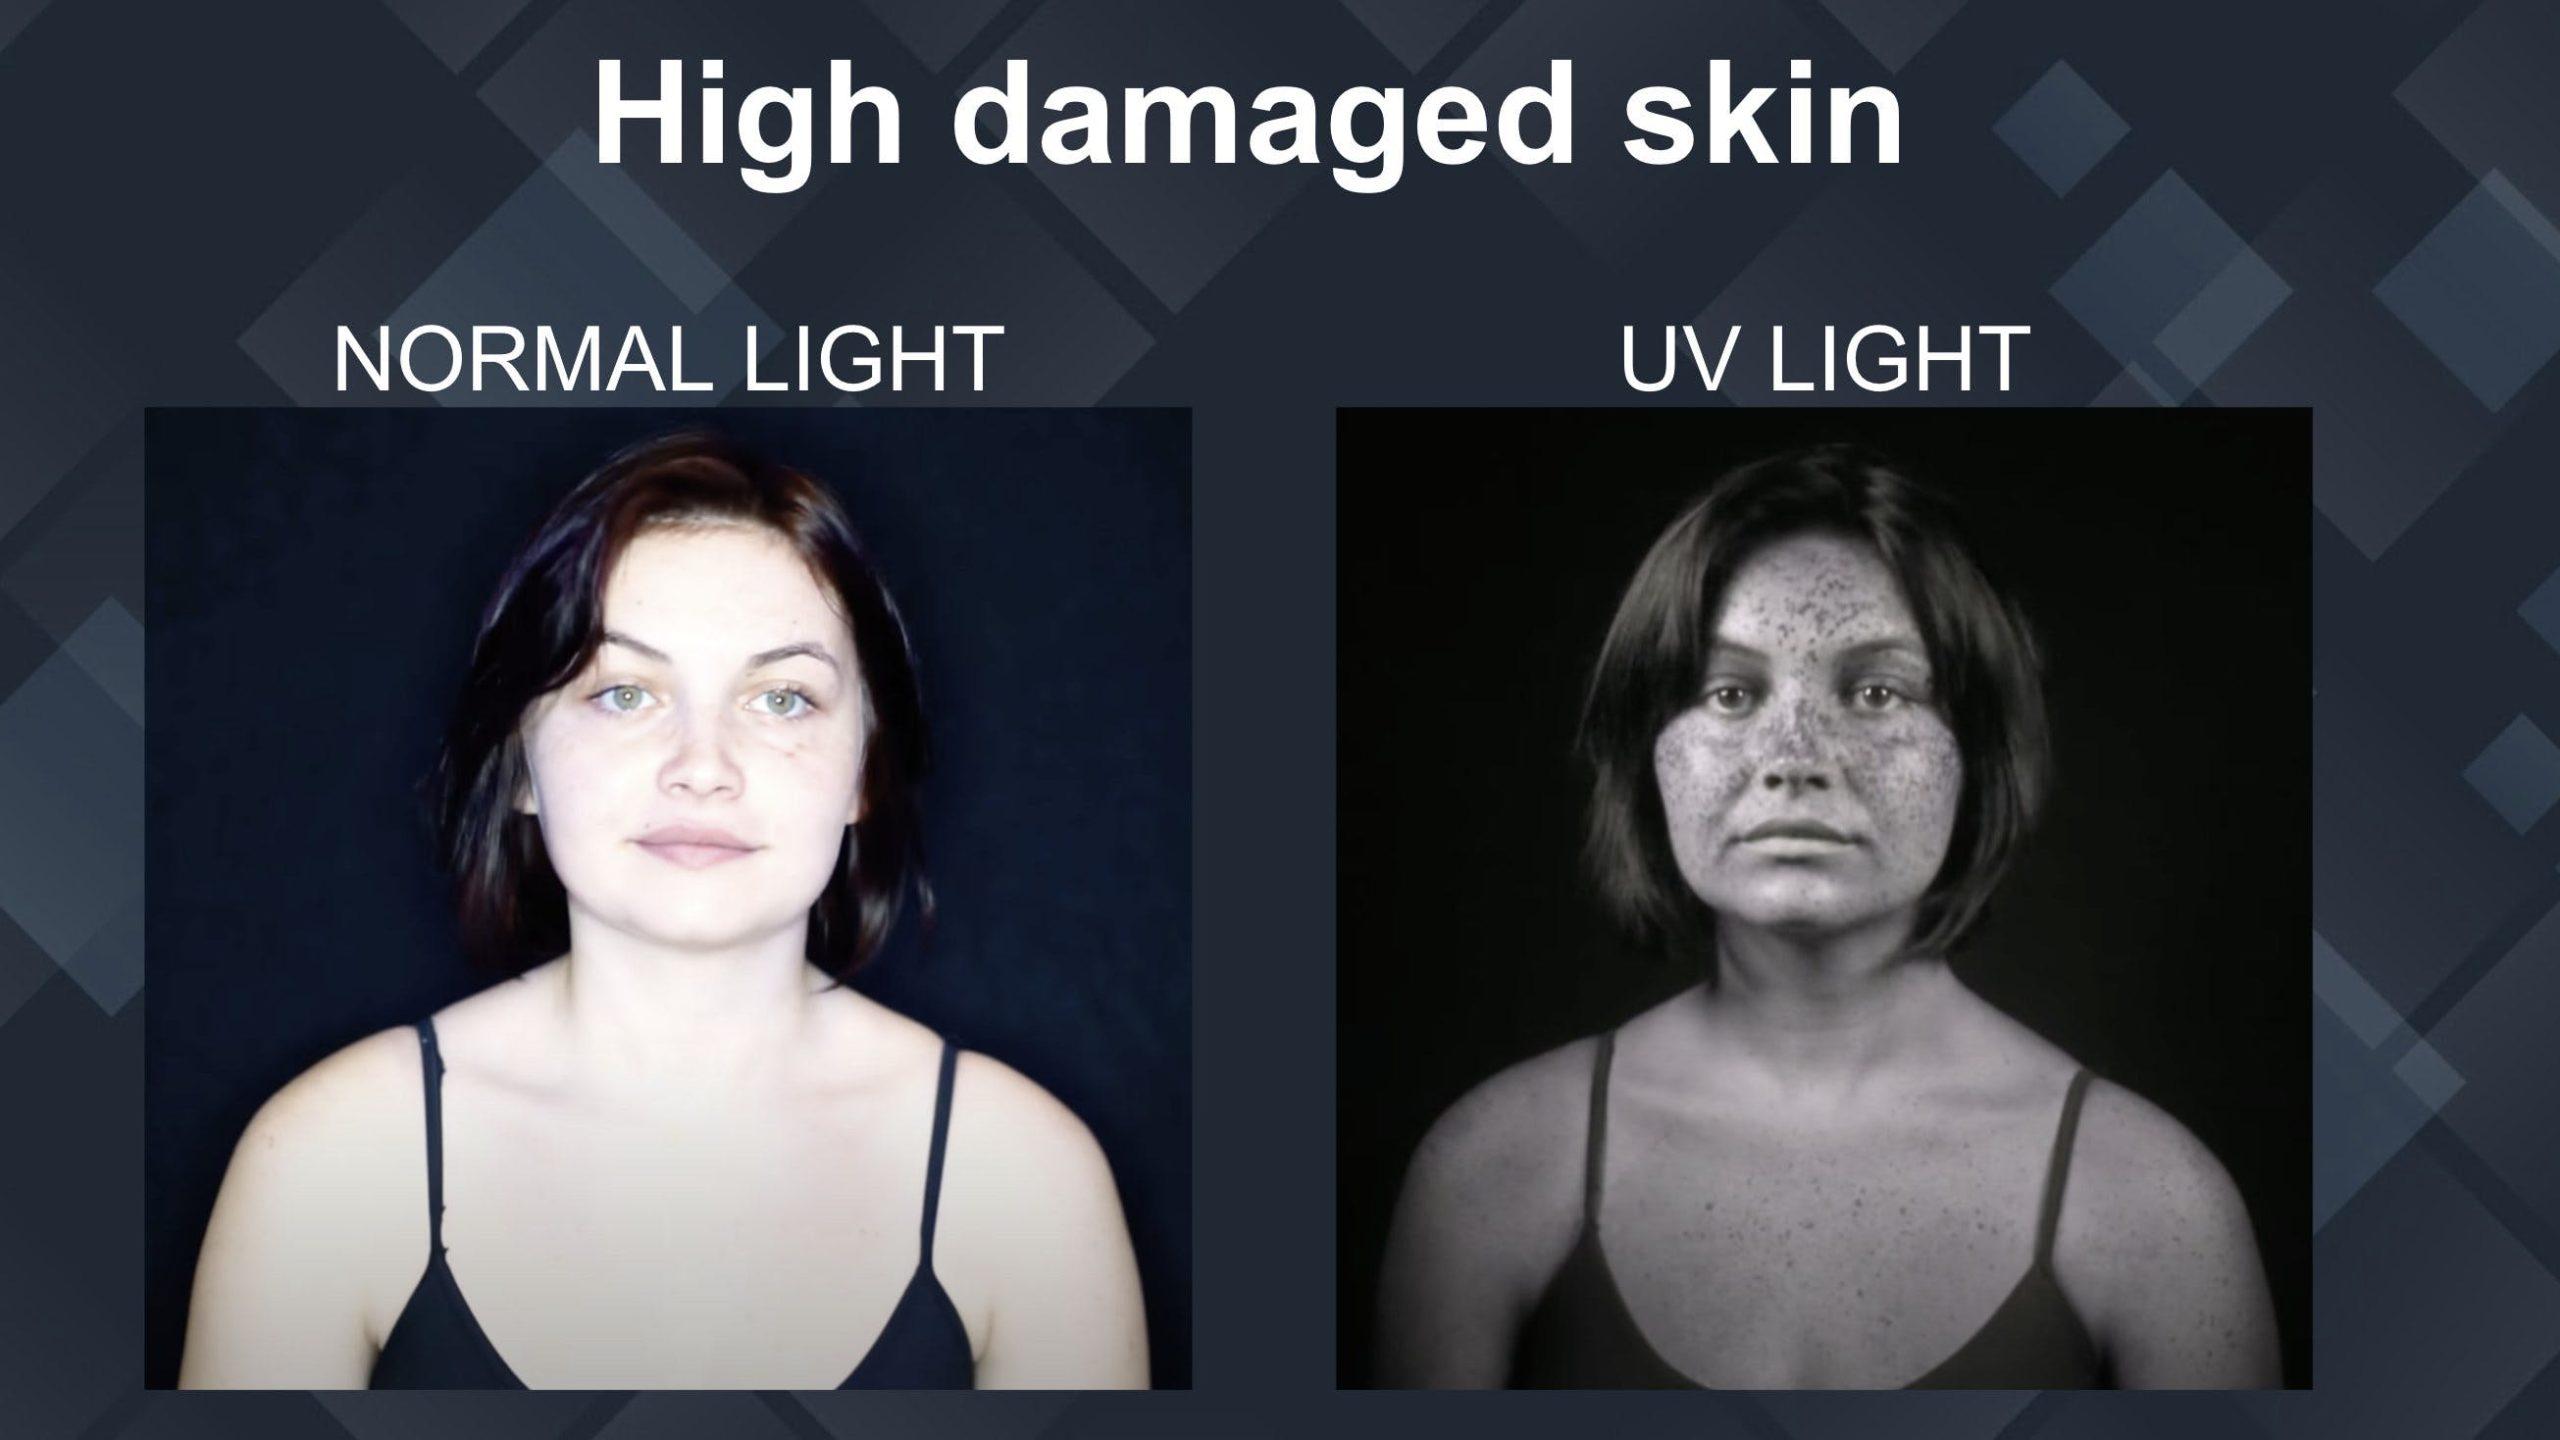 high damaged skin